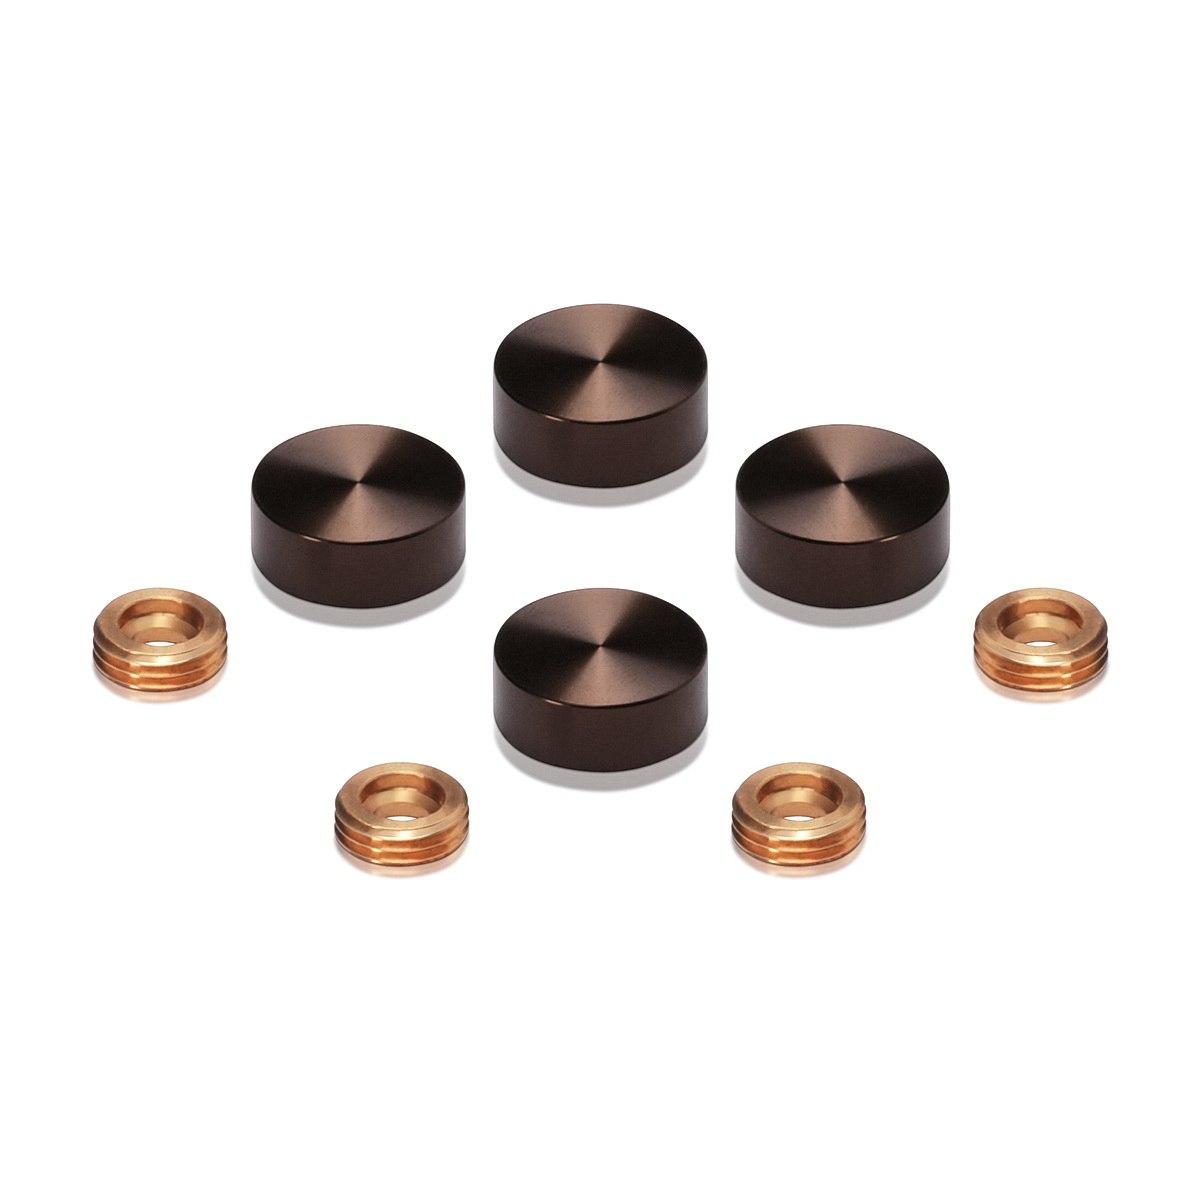 Set of 4 Screw Cover, Diameter: 5/8'', Aluminum Bronze Anodized Finish